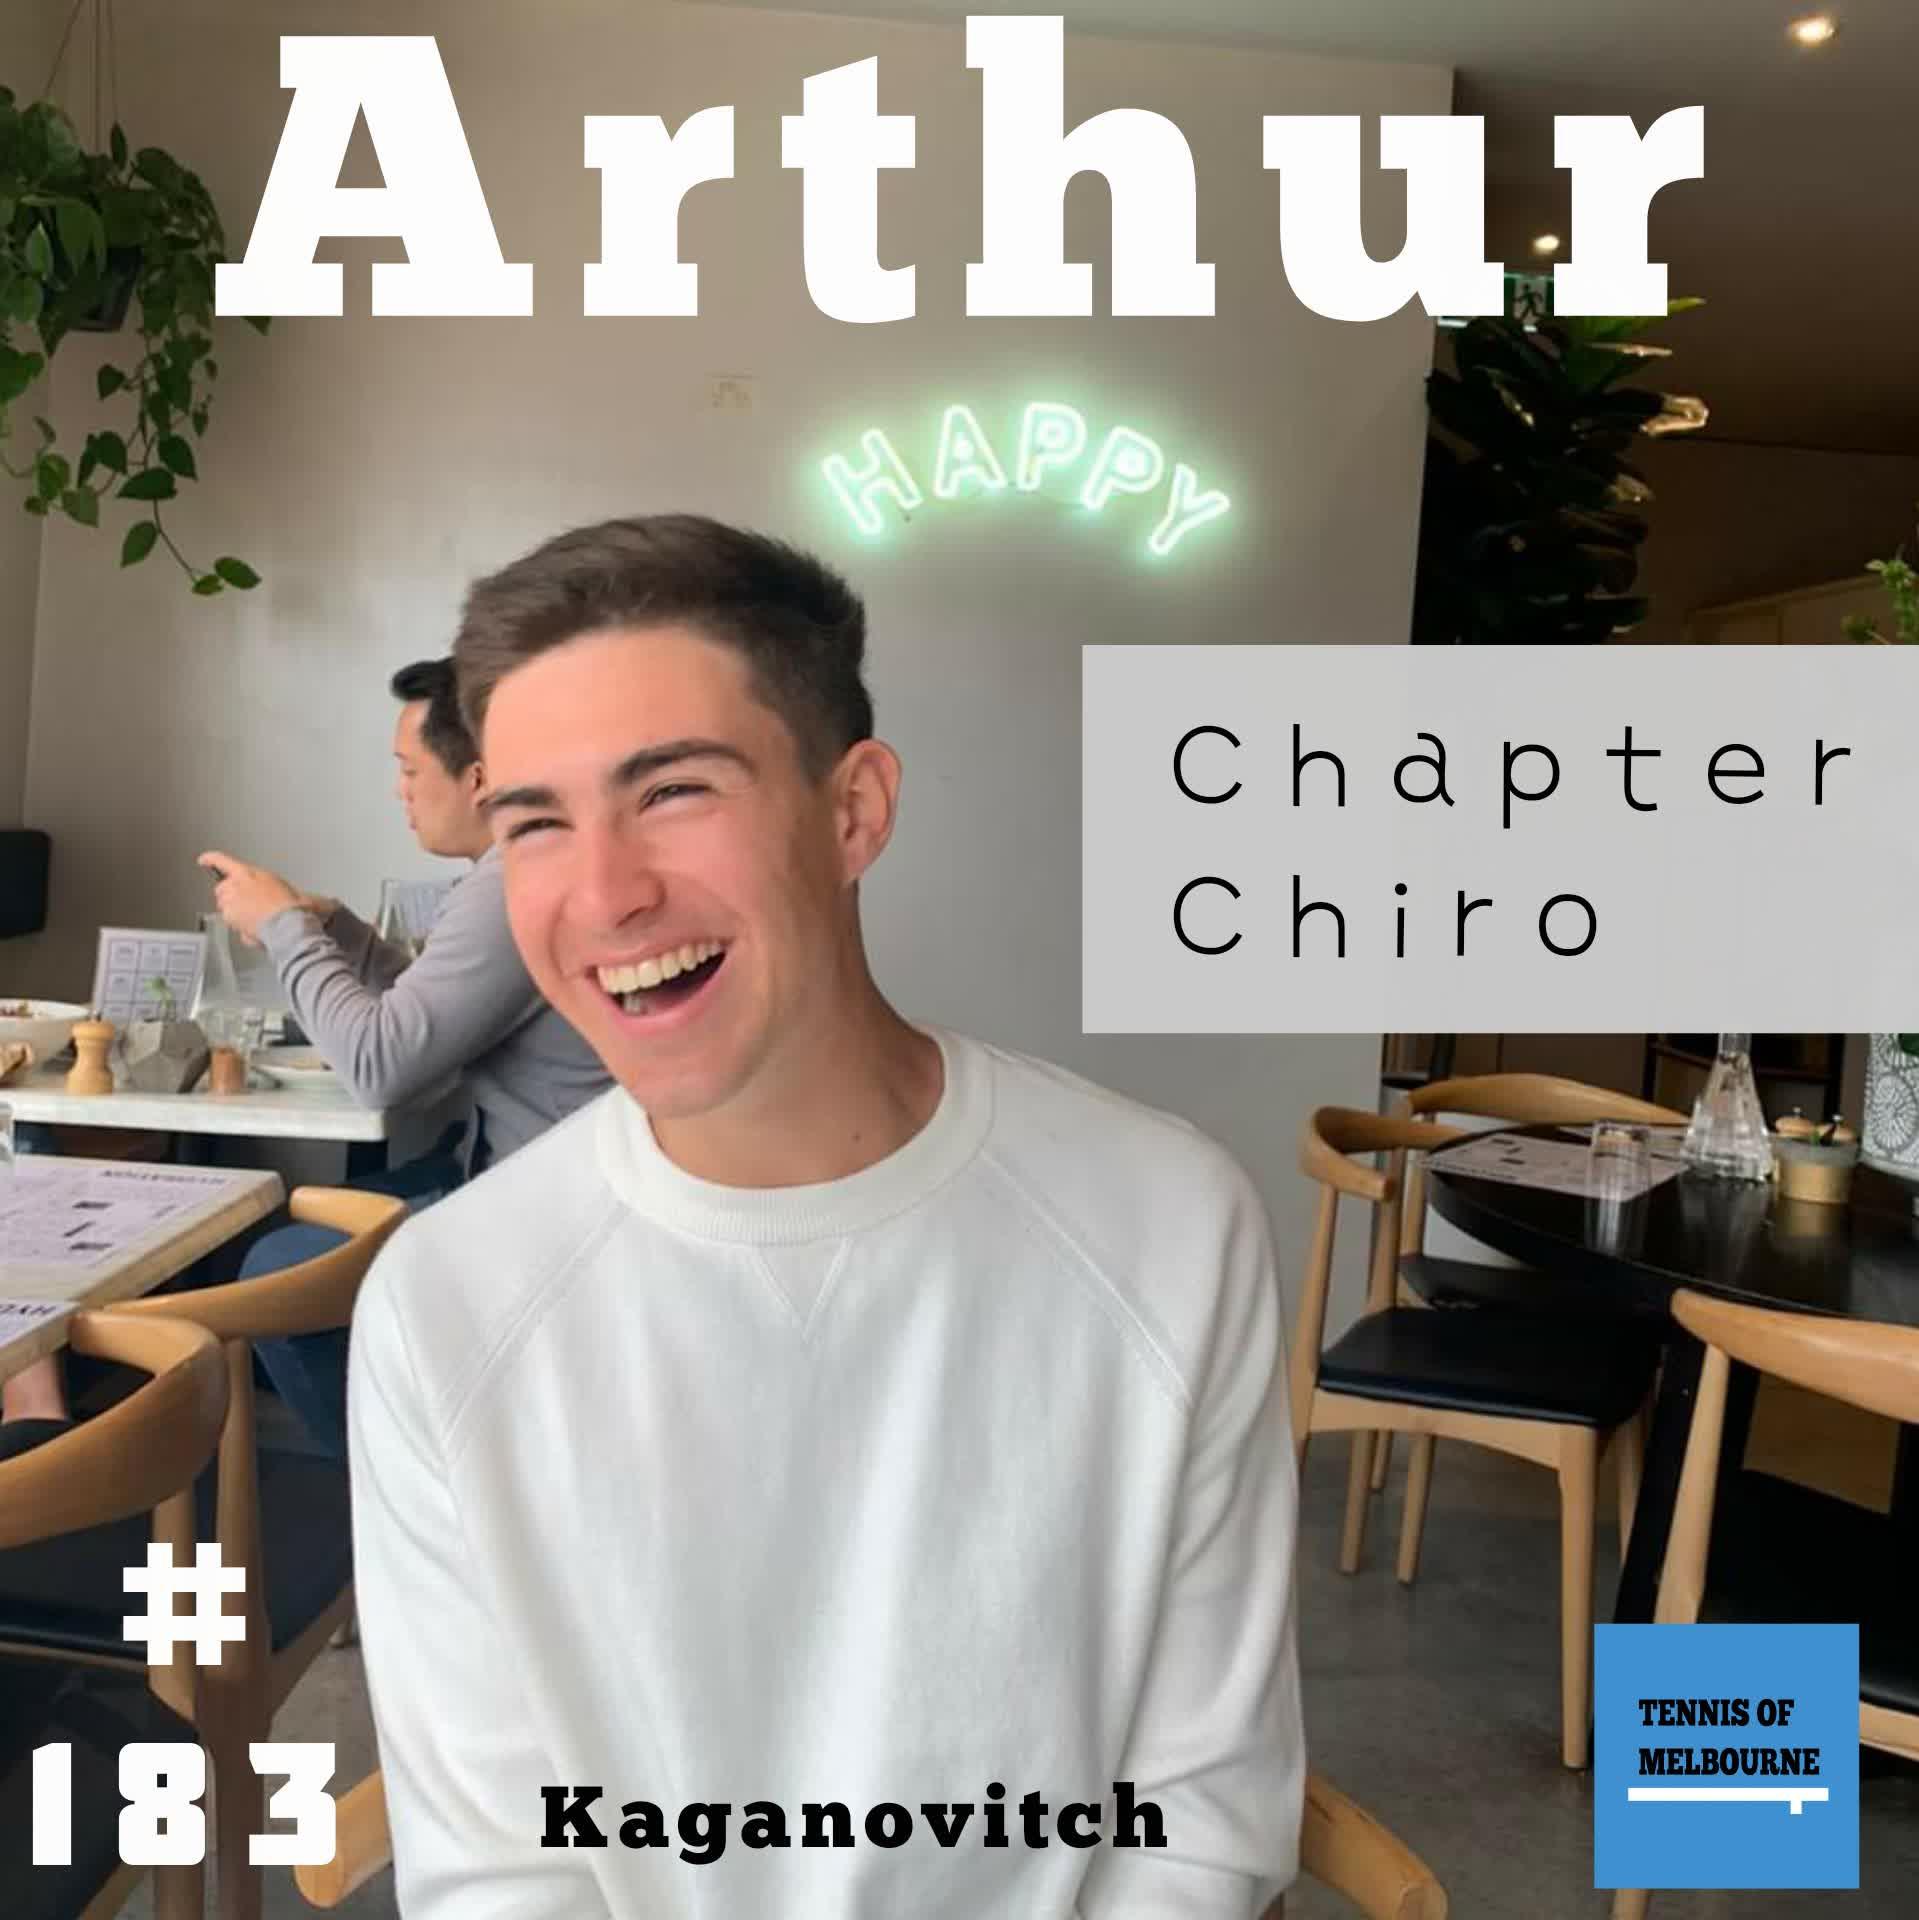 #183 Arthur Kaganovitch | Chapter Chiro